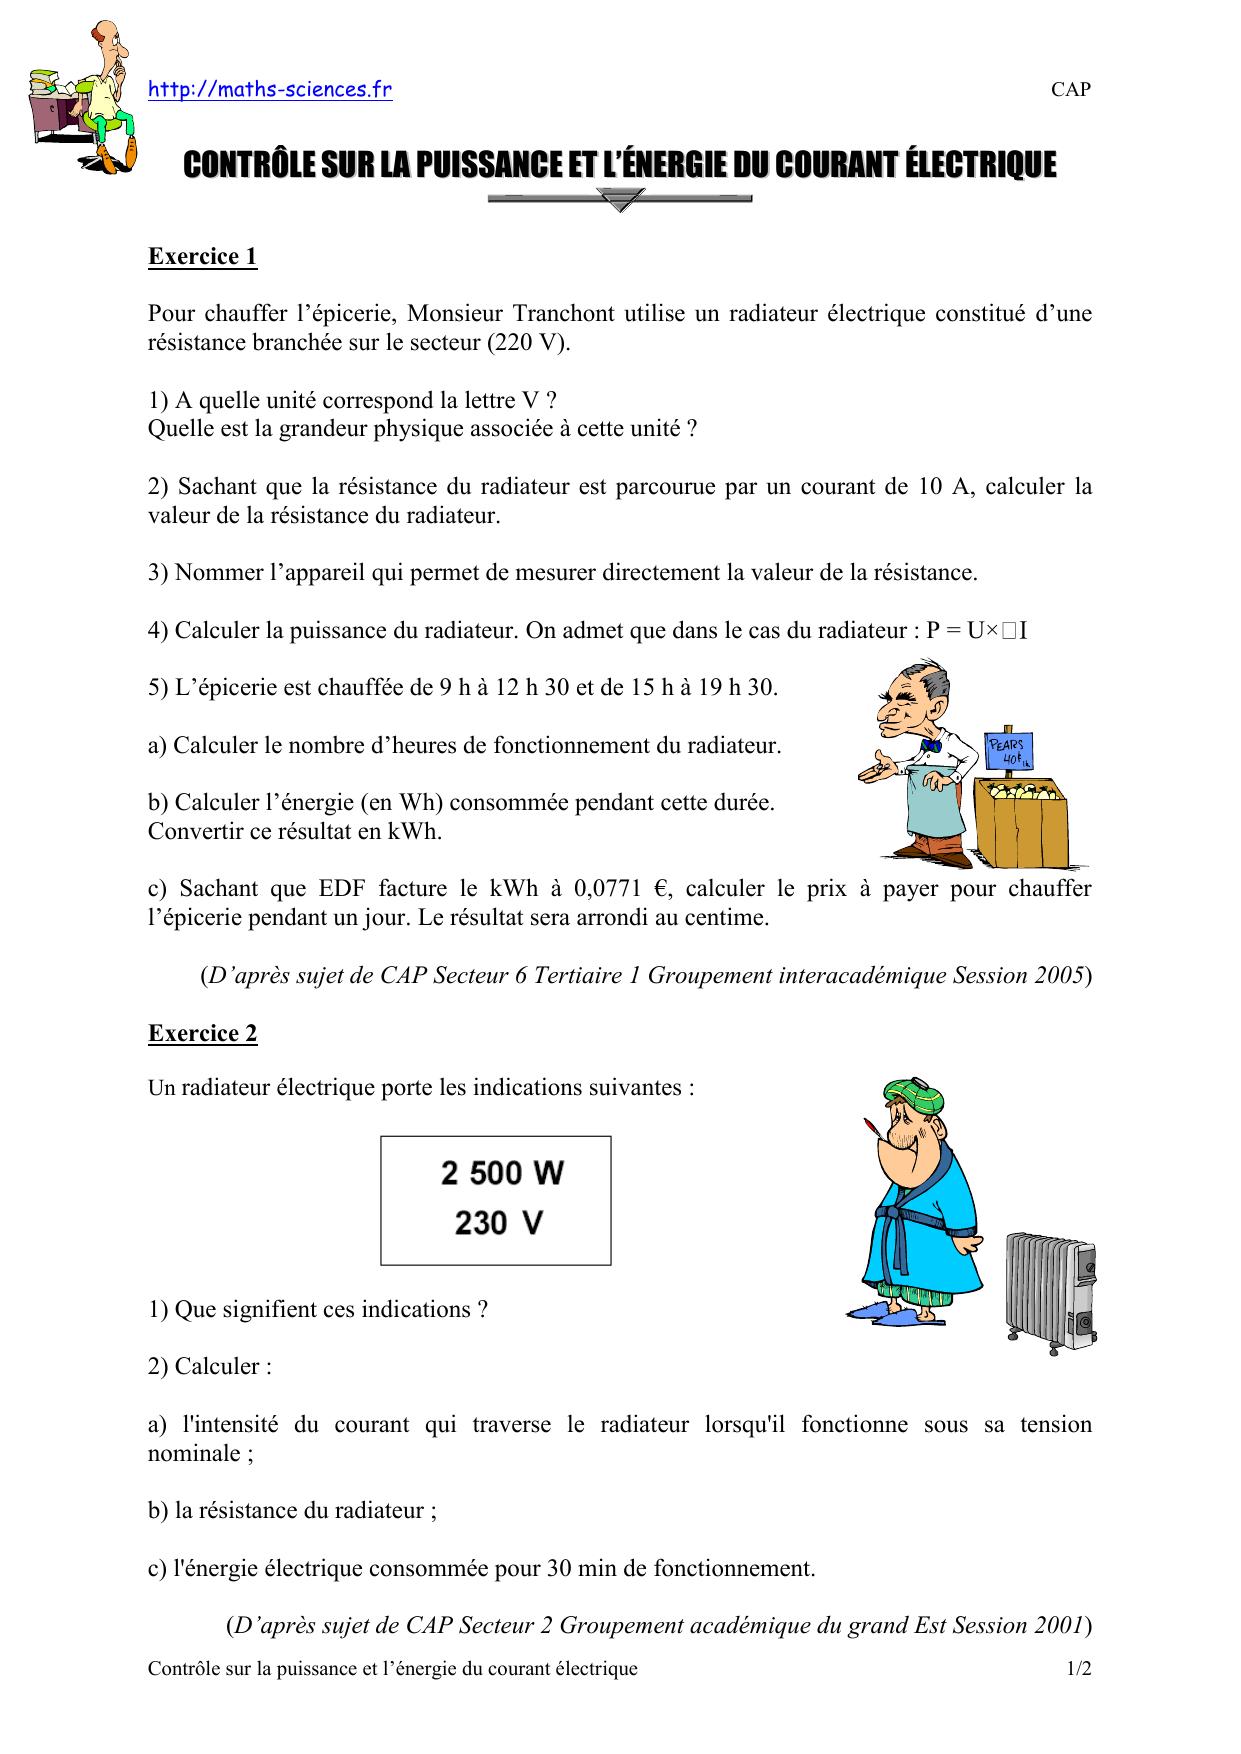 Exercice N°1 : Calcul Numérique (Plan De Charges) - Maths dedans Exercice De Math Sur Les Puissances